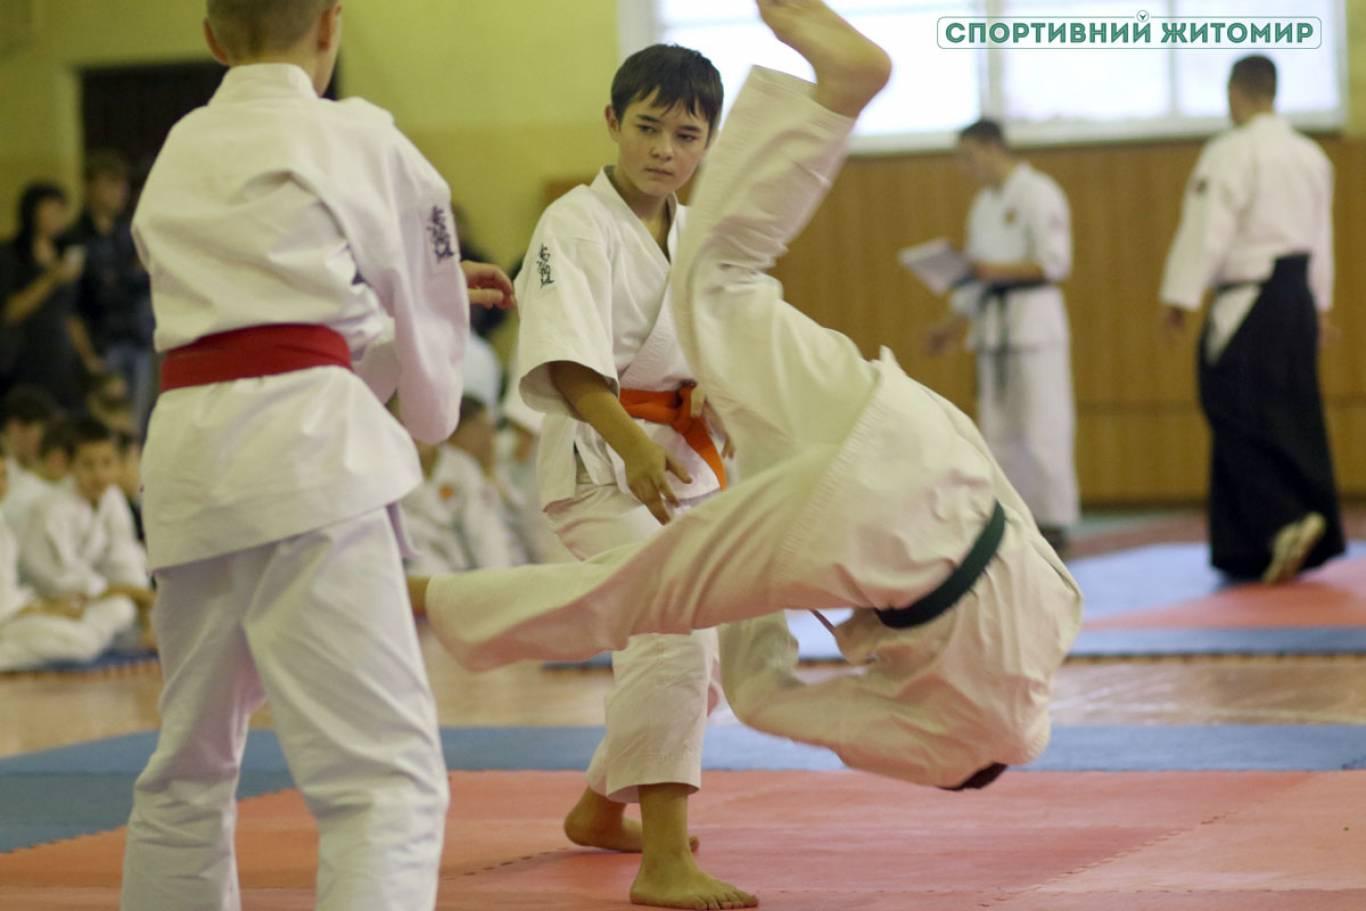 Чемпіонат України з айкідо